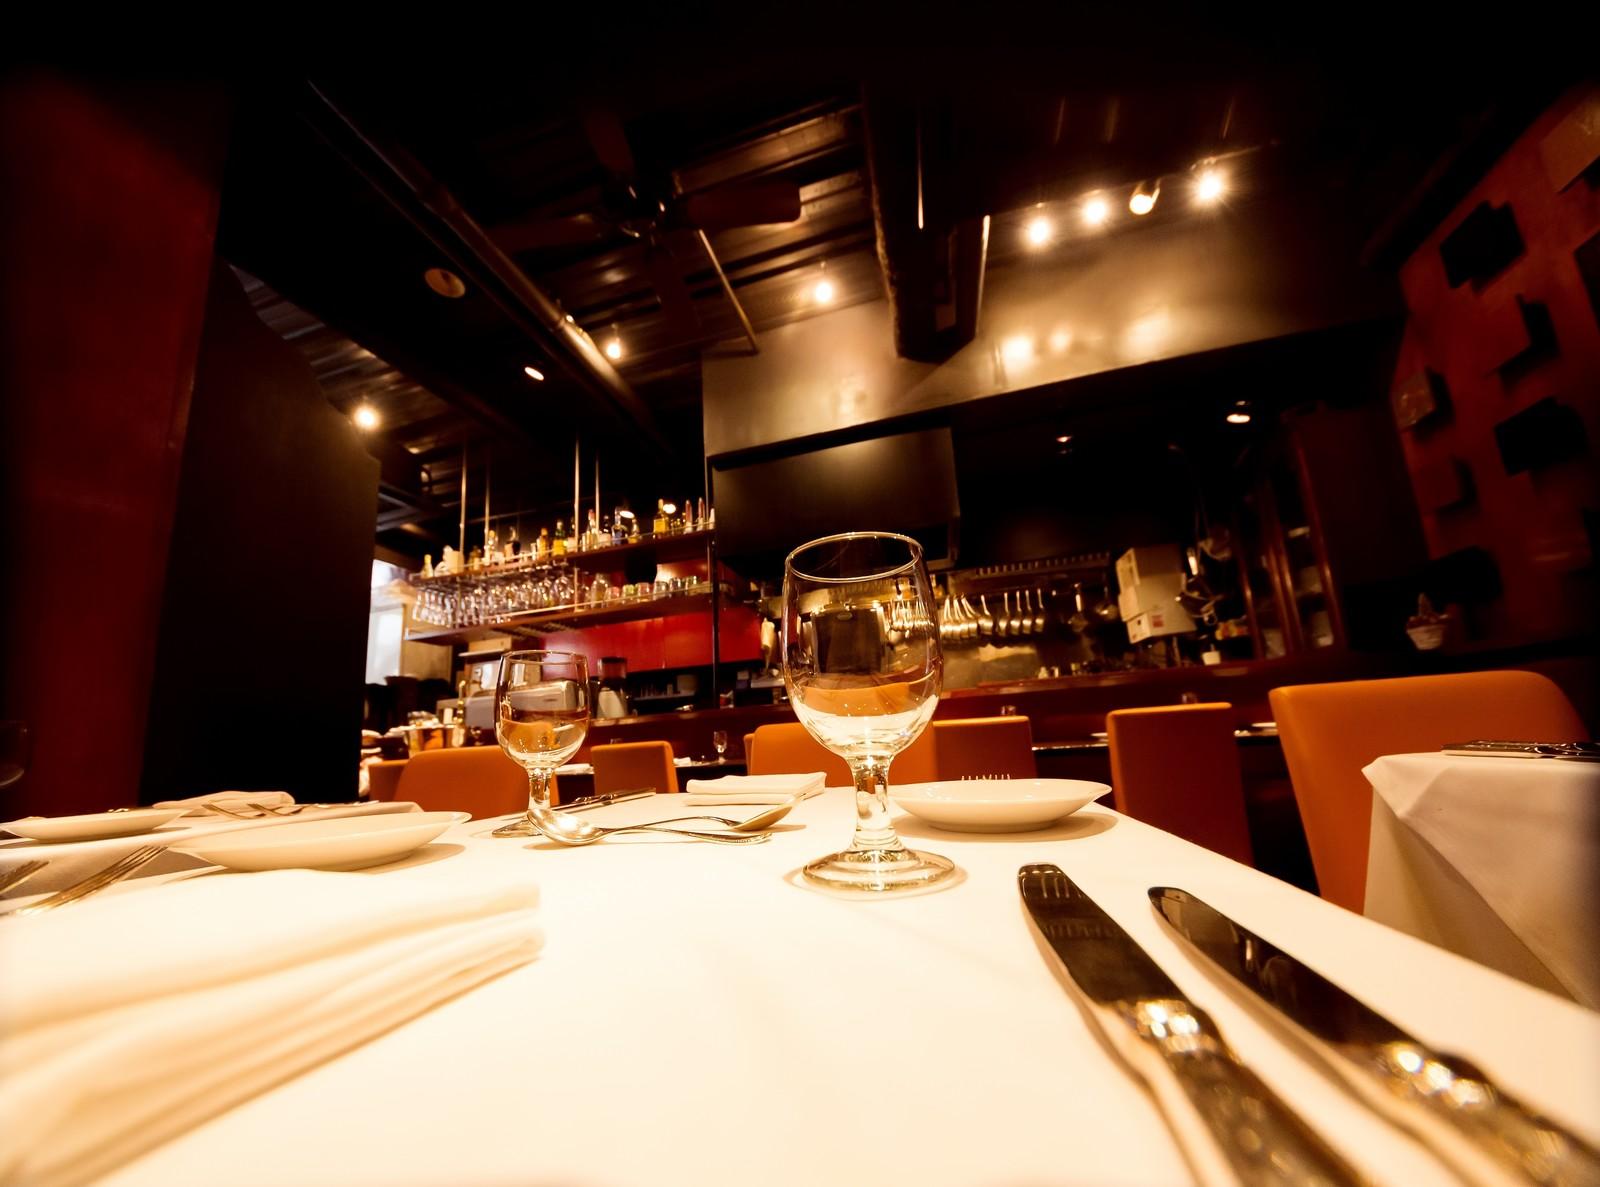 神楽坂の美味しいディナーを!おすすめの人気店!女子会や記念日デートは?